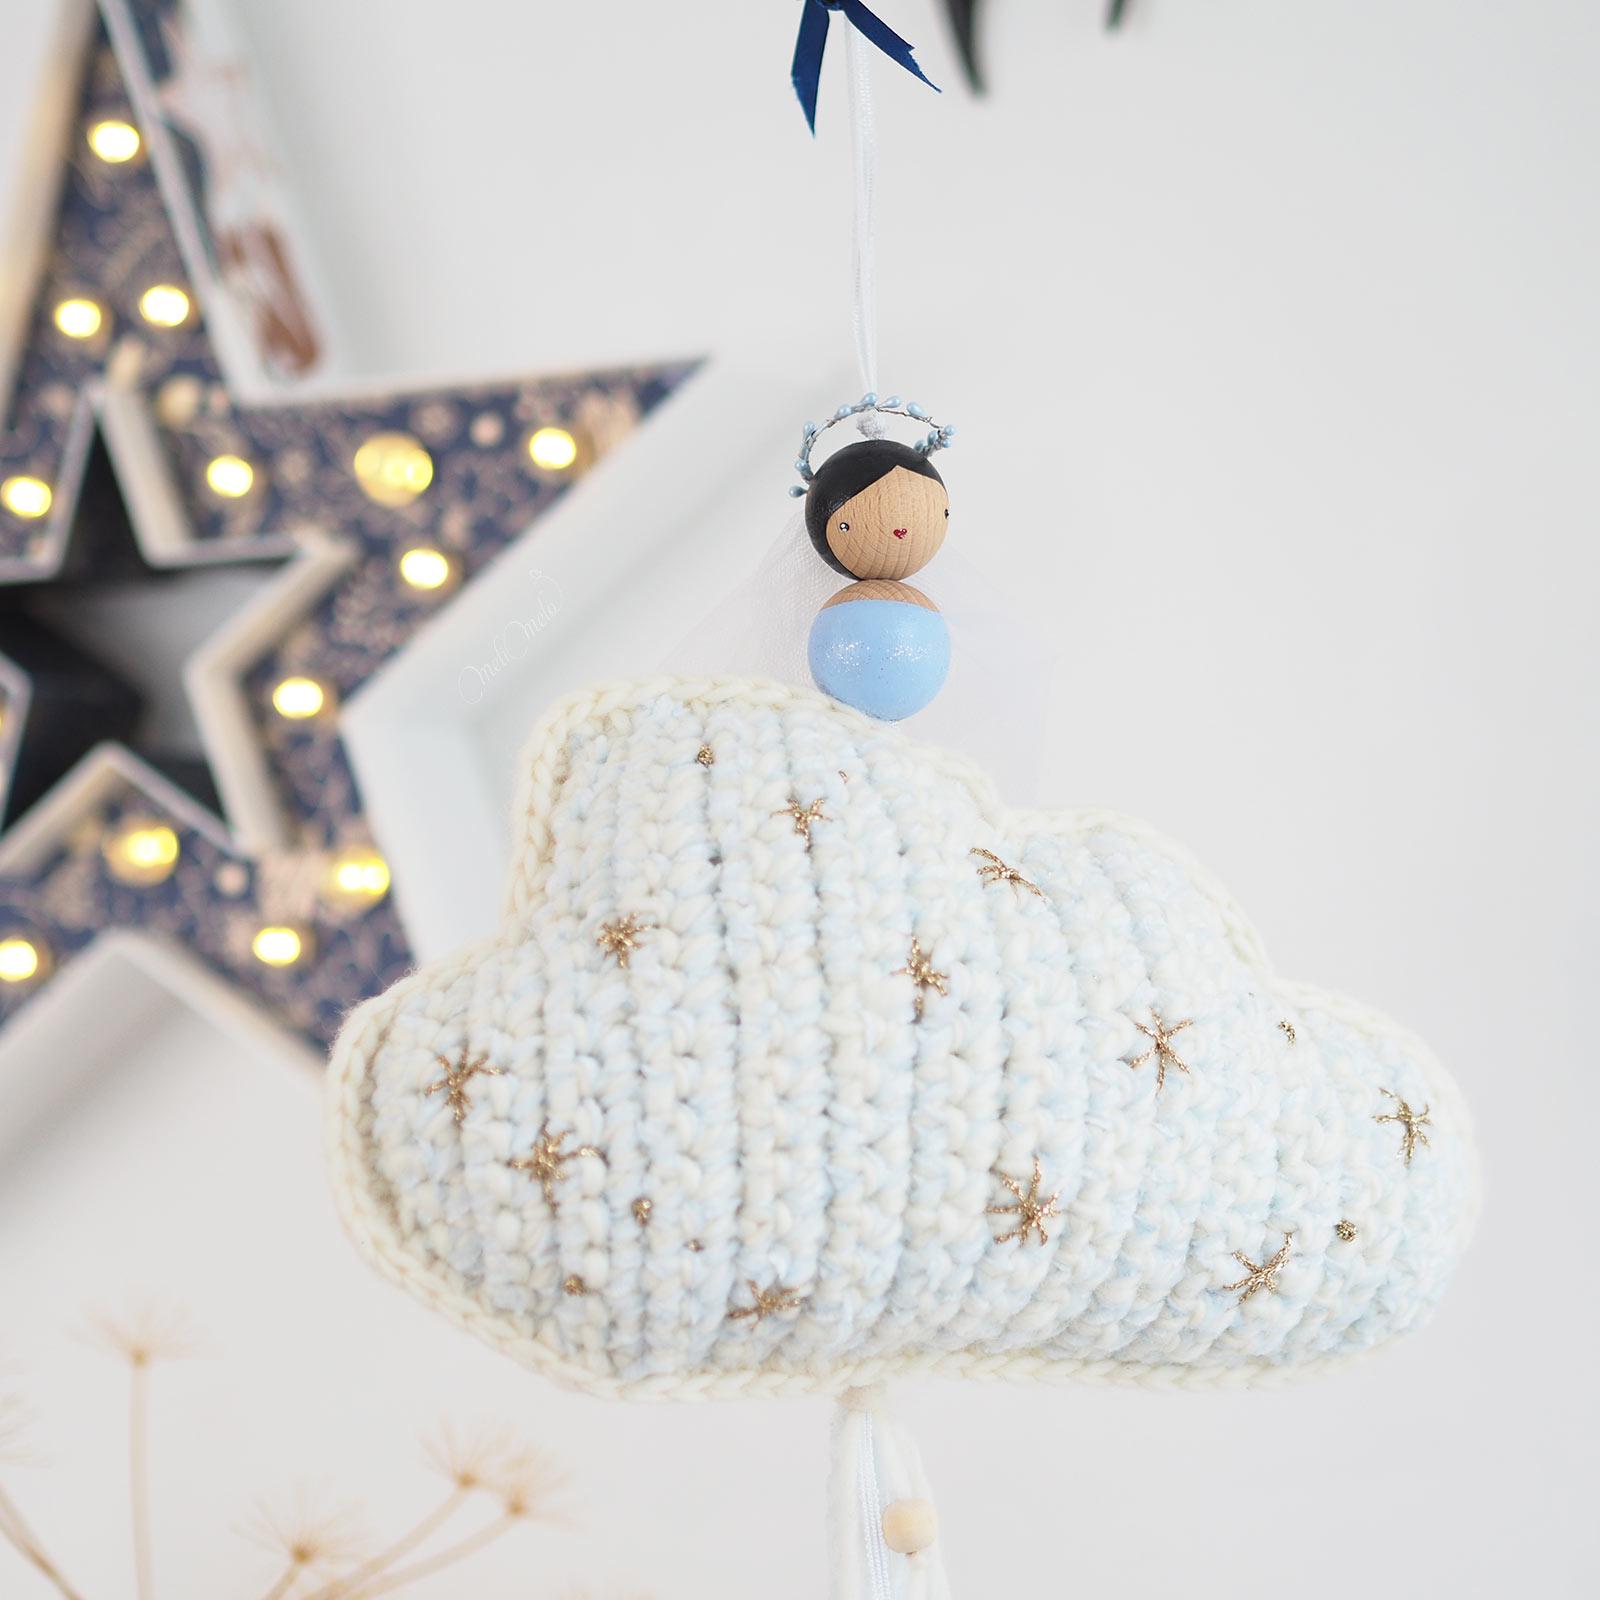 suspension-deco-nuage-cadeau-naissance-pois-plumes-laboutiquedemelimelo